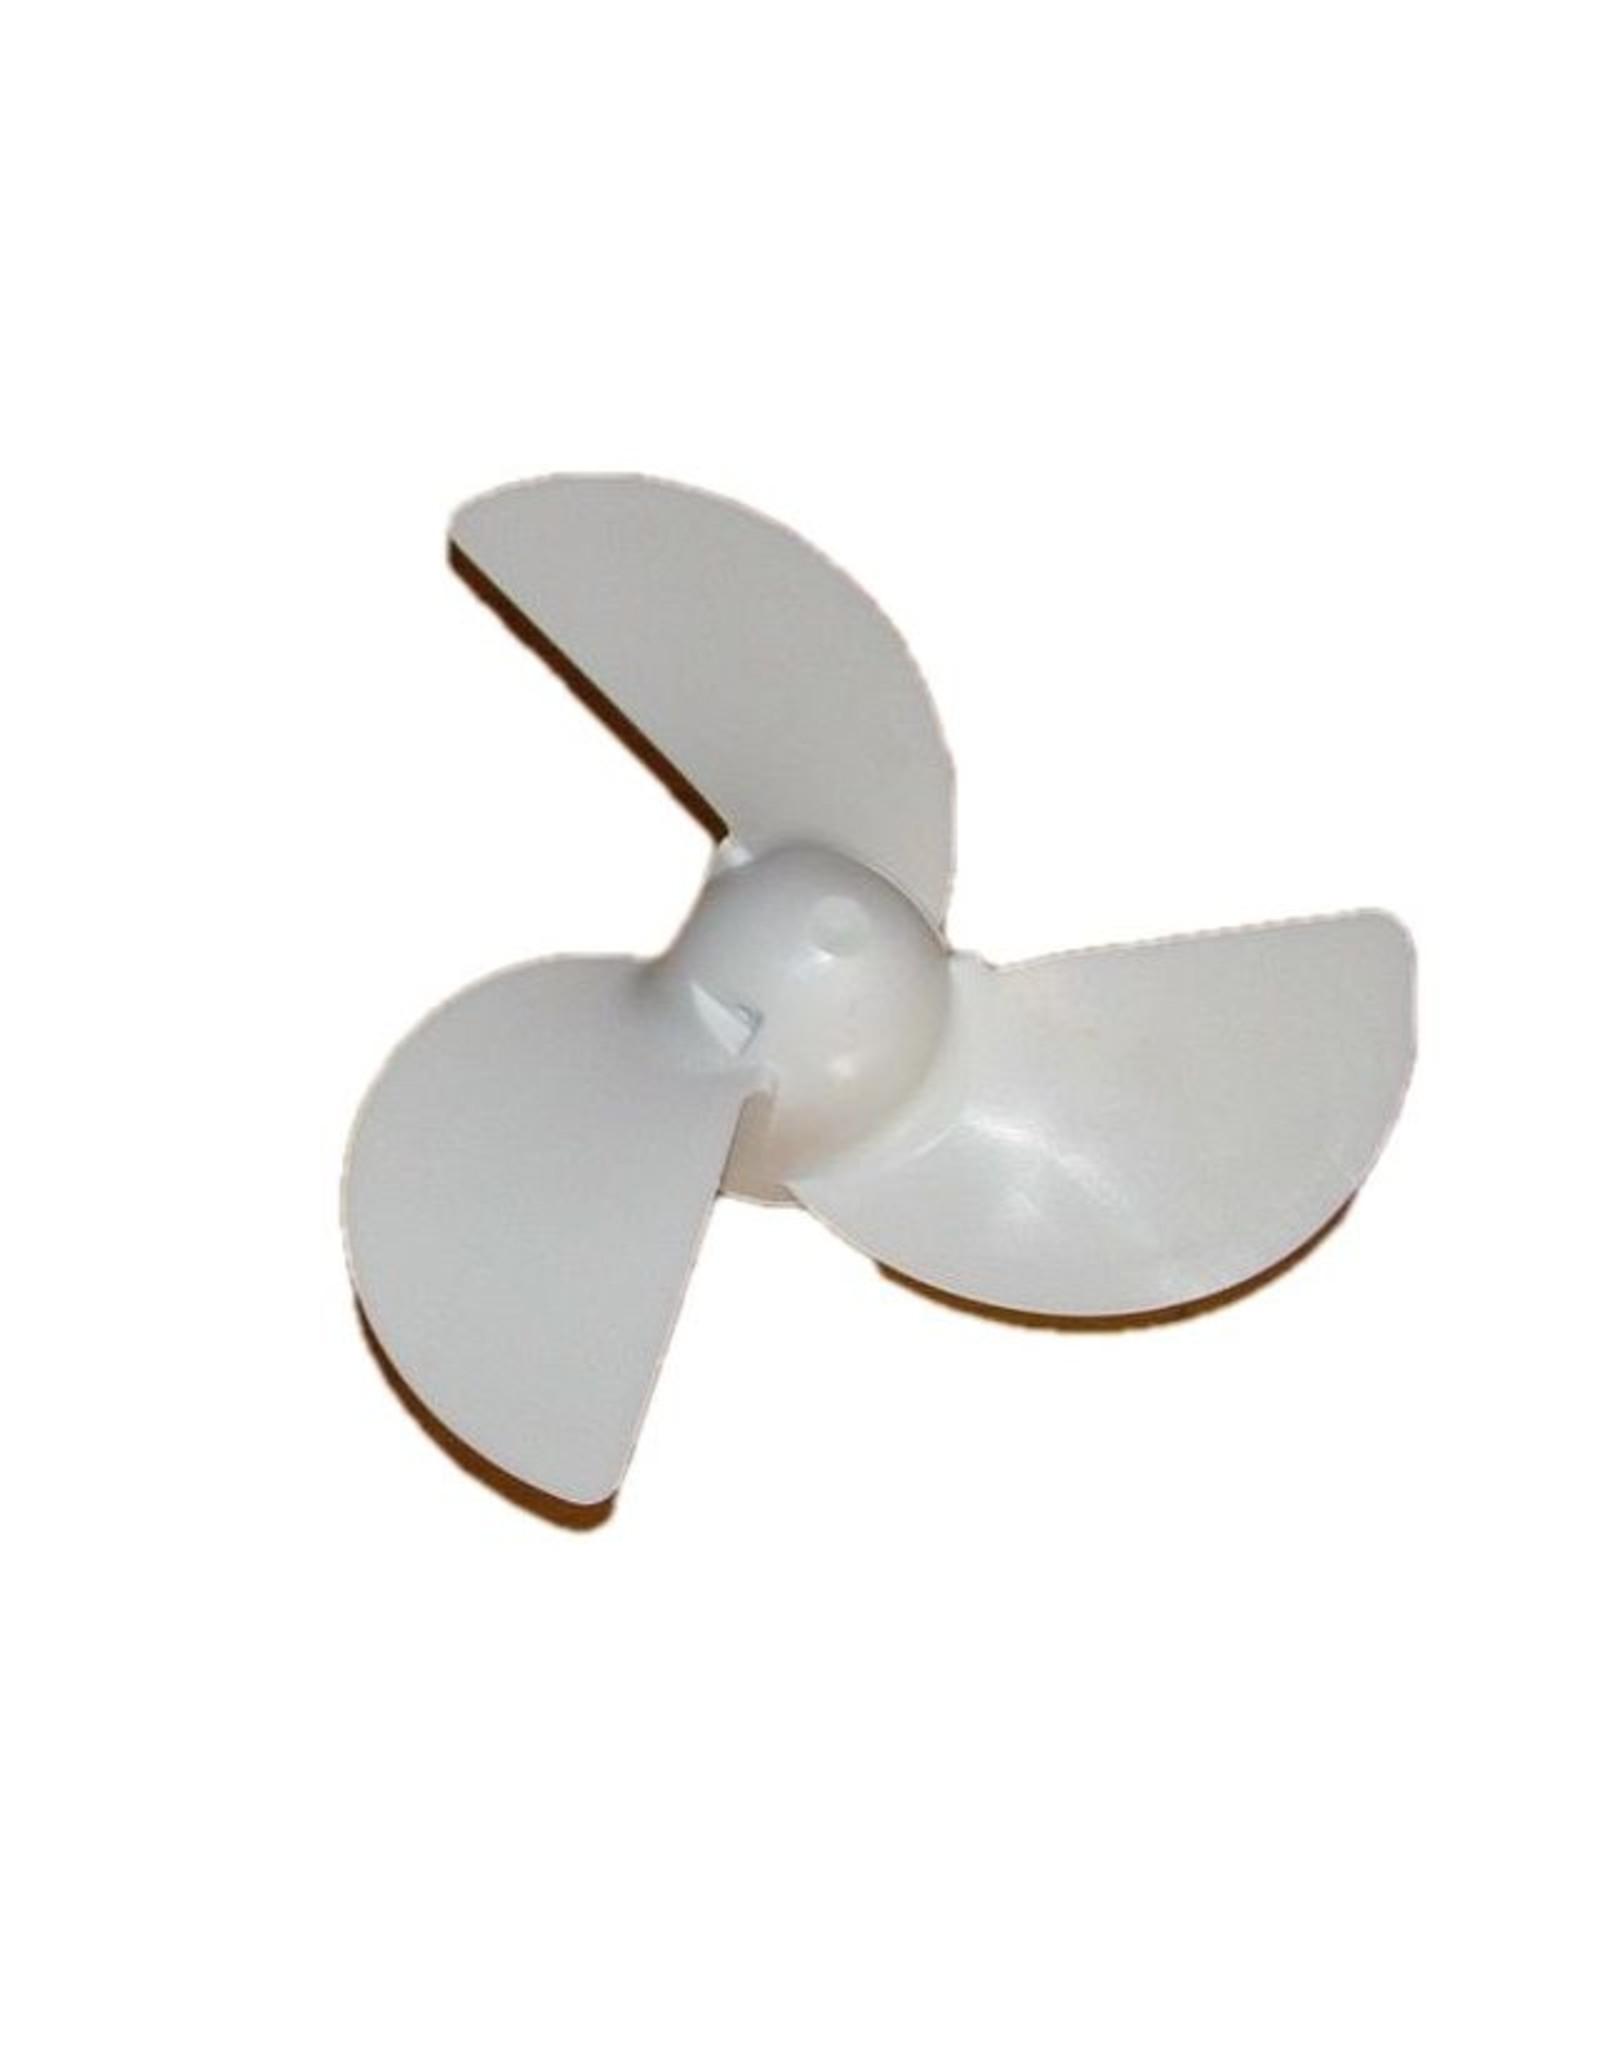 Hebor Watersport Aluminium propeller Yamaha 2pk Hub A